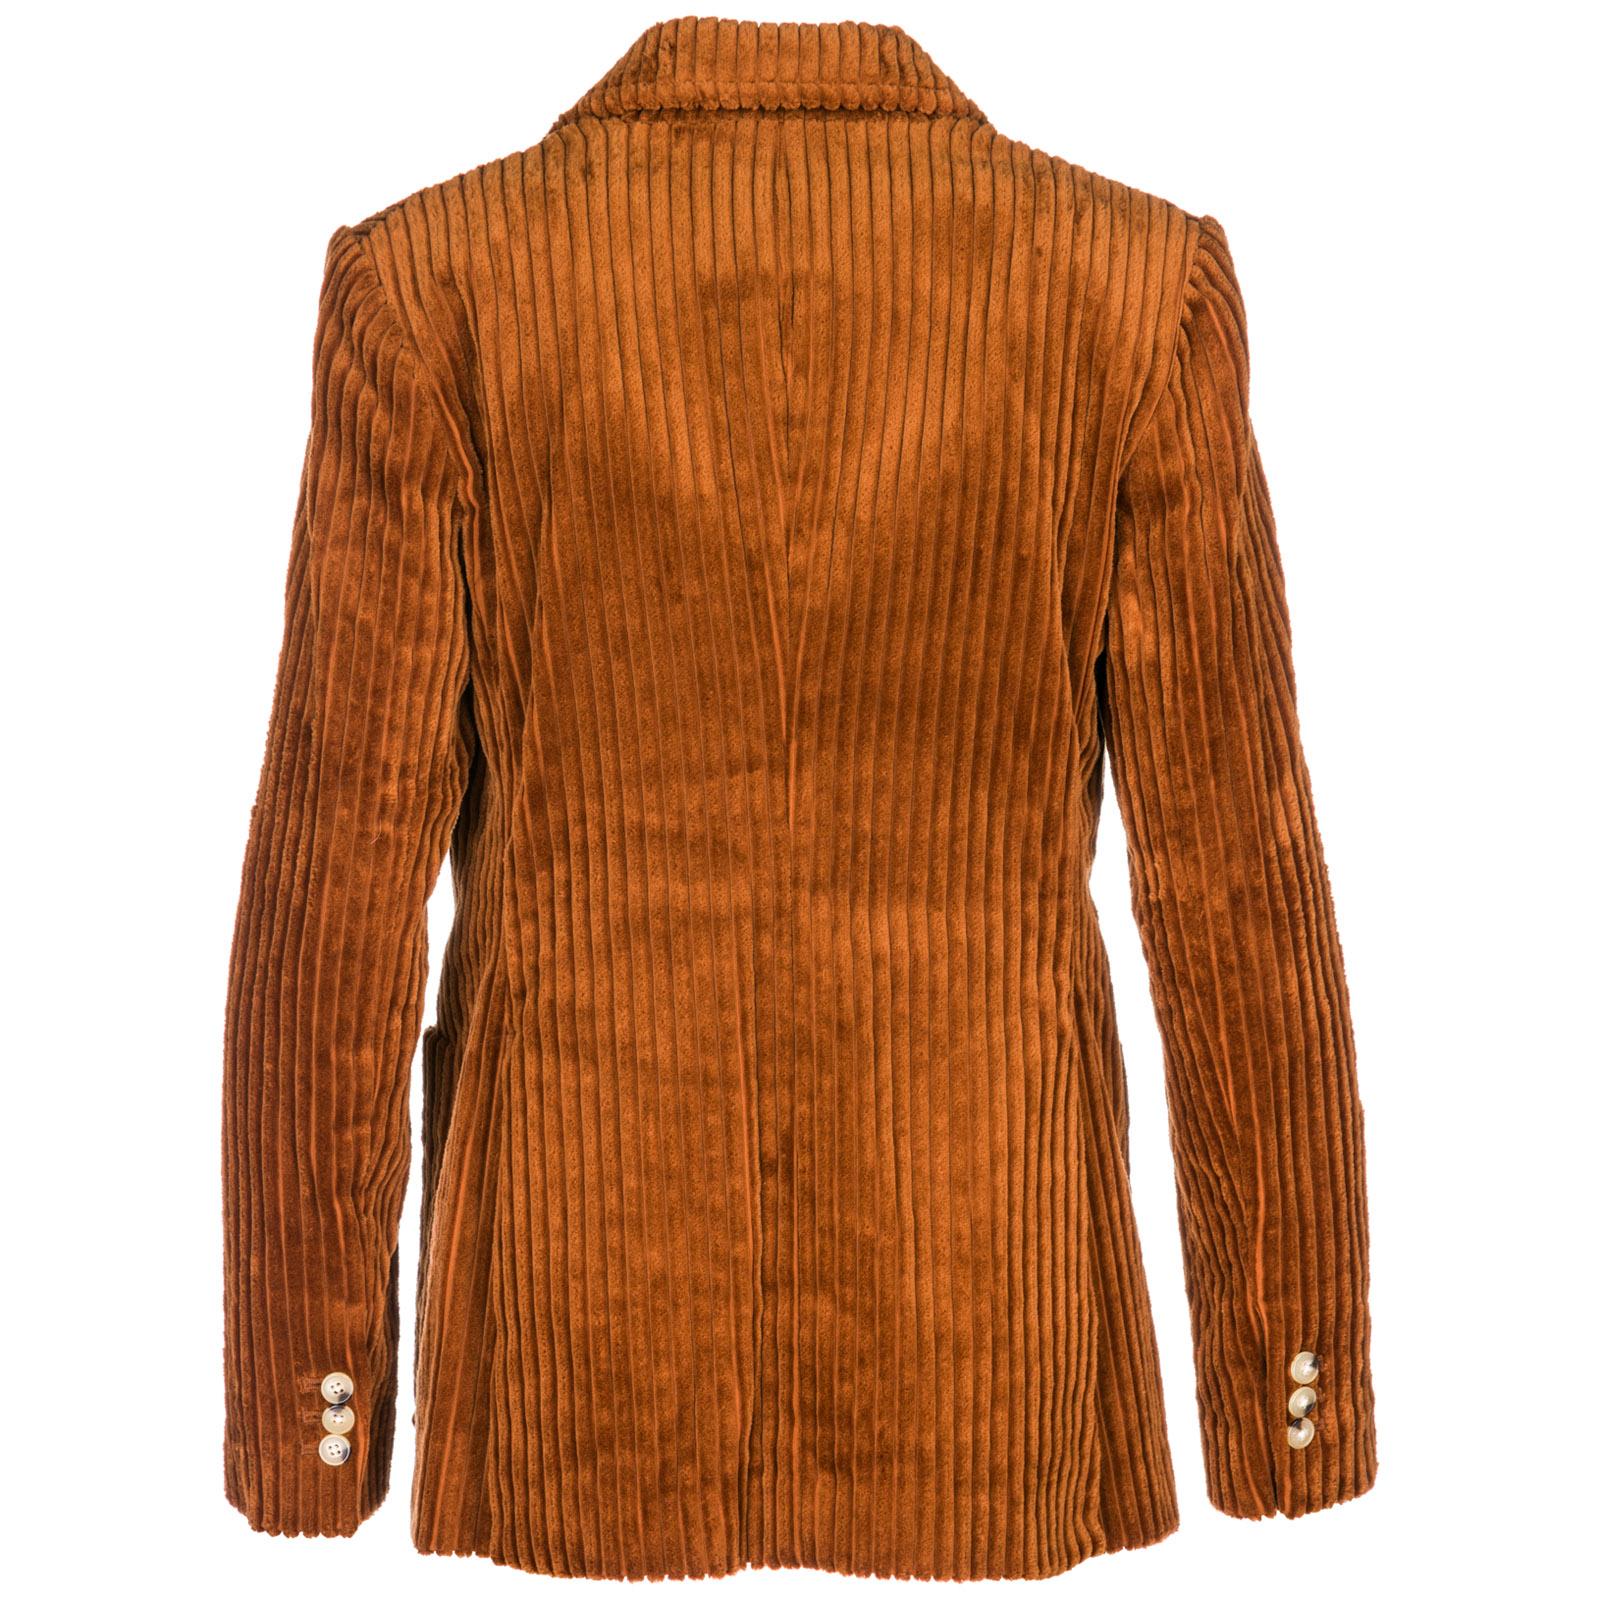 Women's jacket blazer